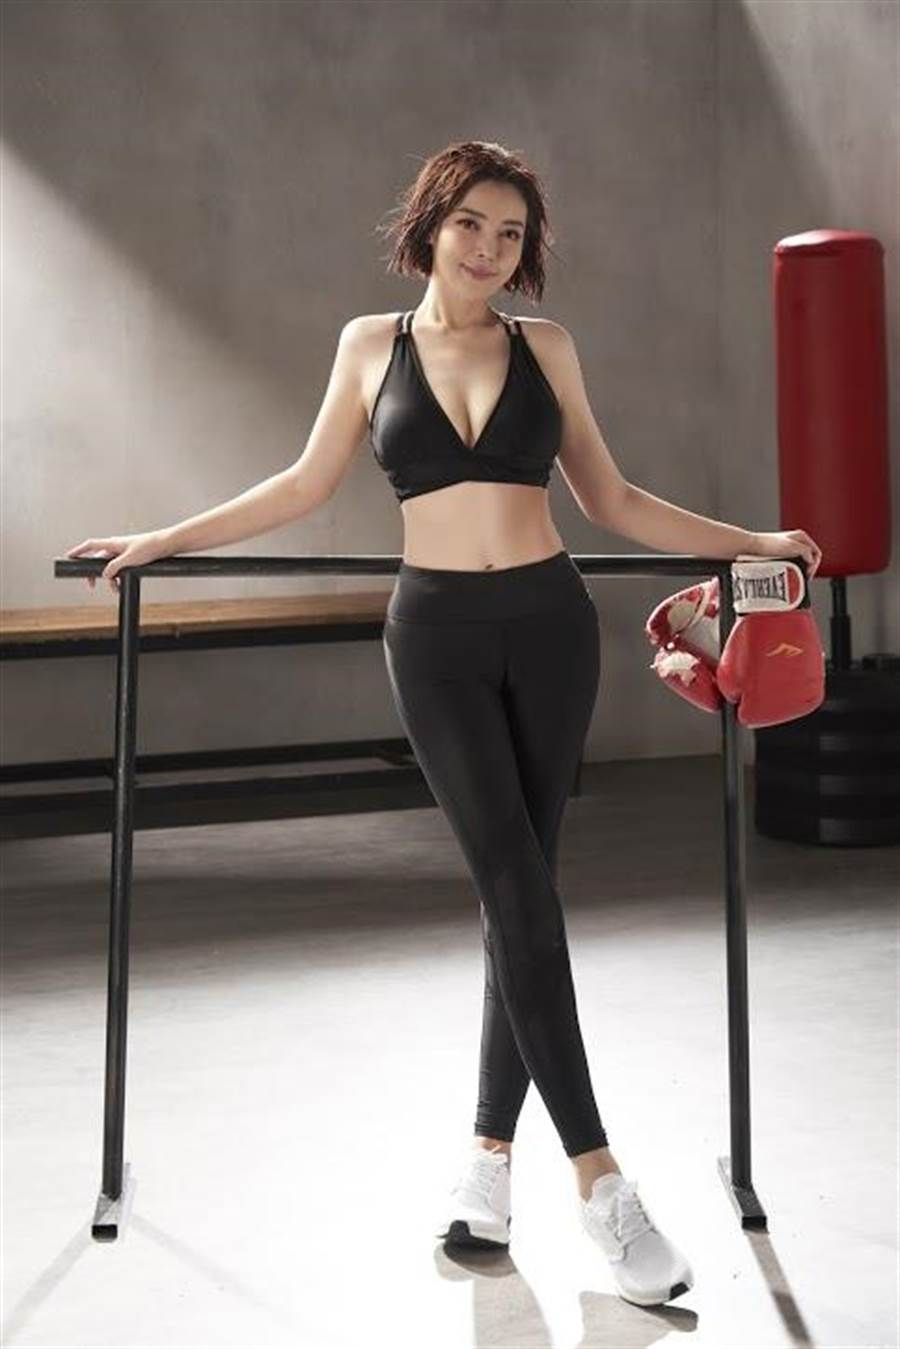 趙心妍現在比小學的時候還瘦。(Ivenor提供)